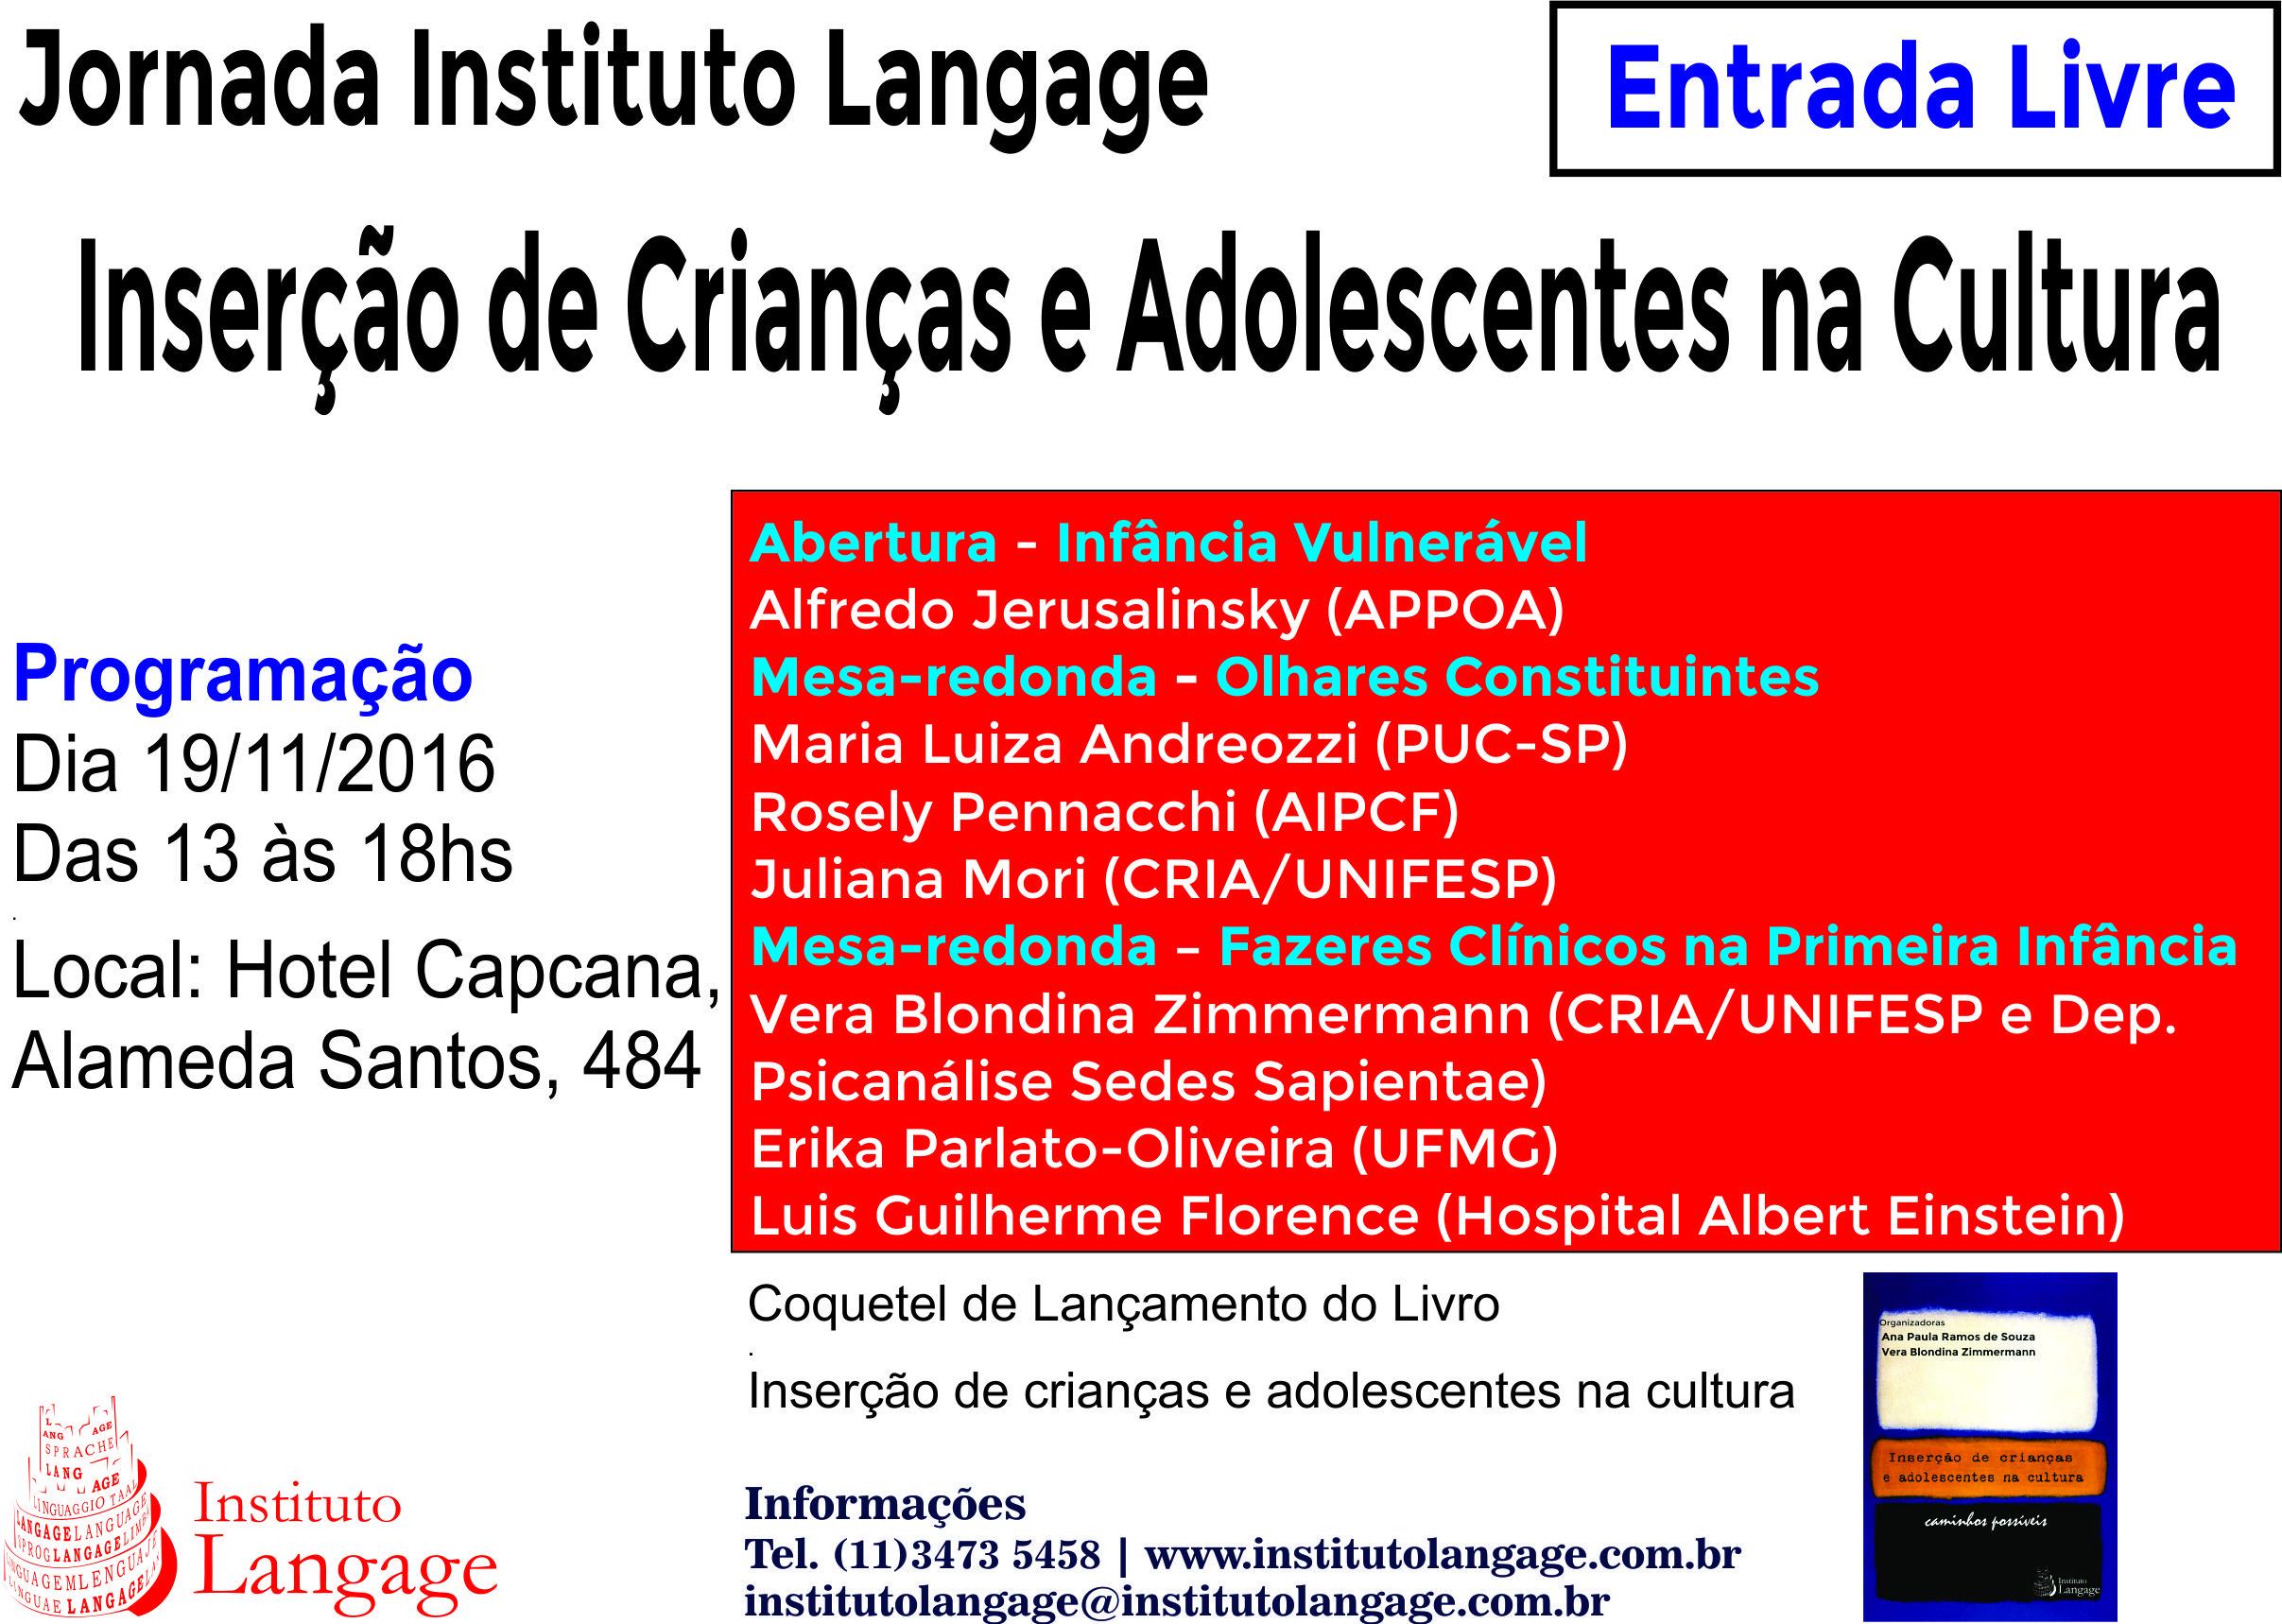 i-jornada-langage-insercao-criancas-e-adolescentes-nov16